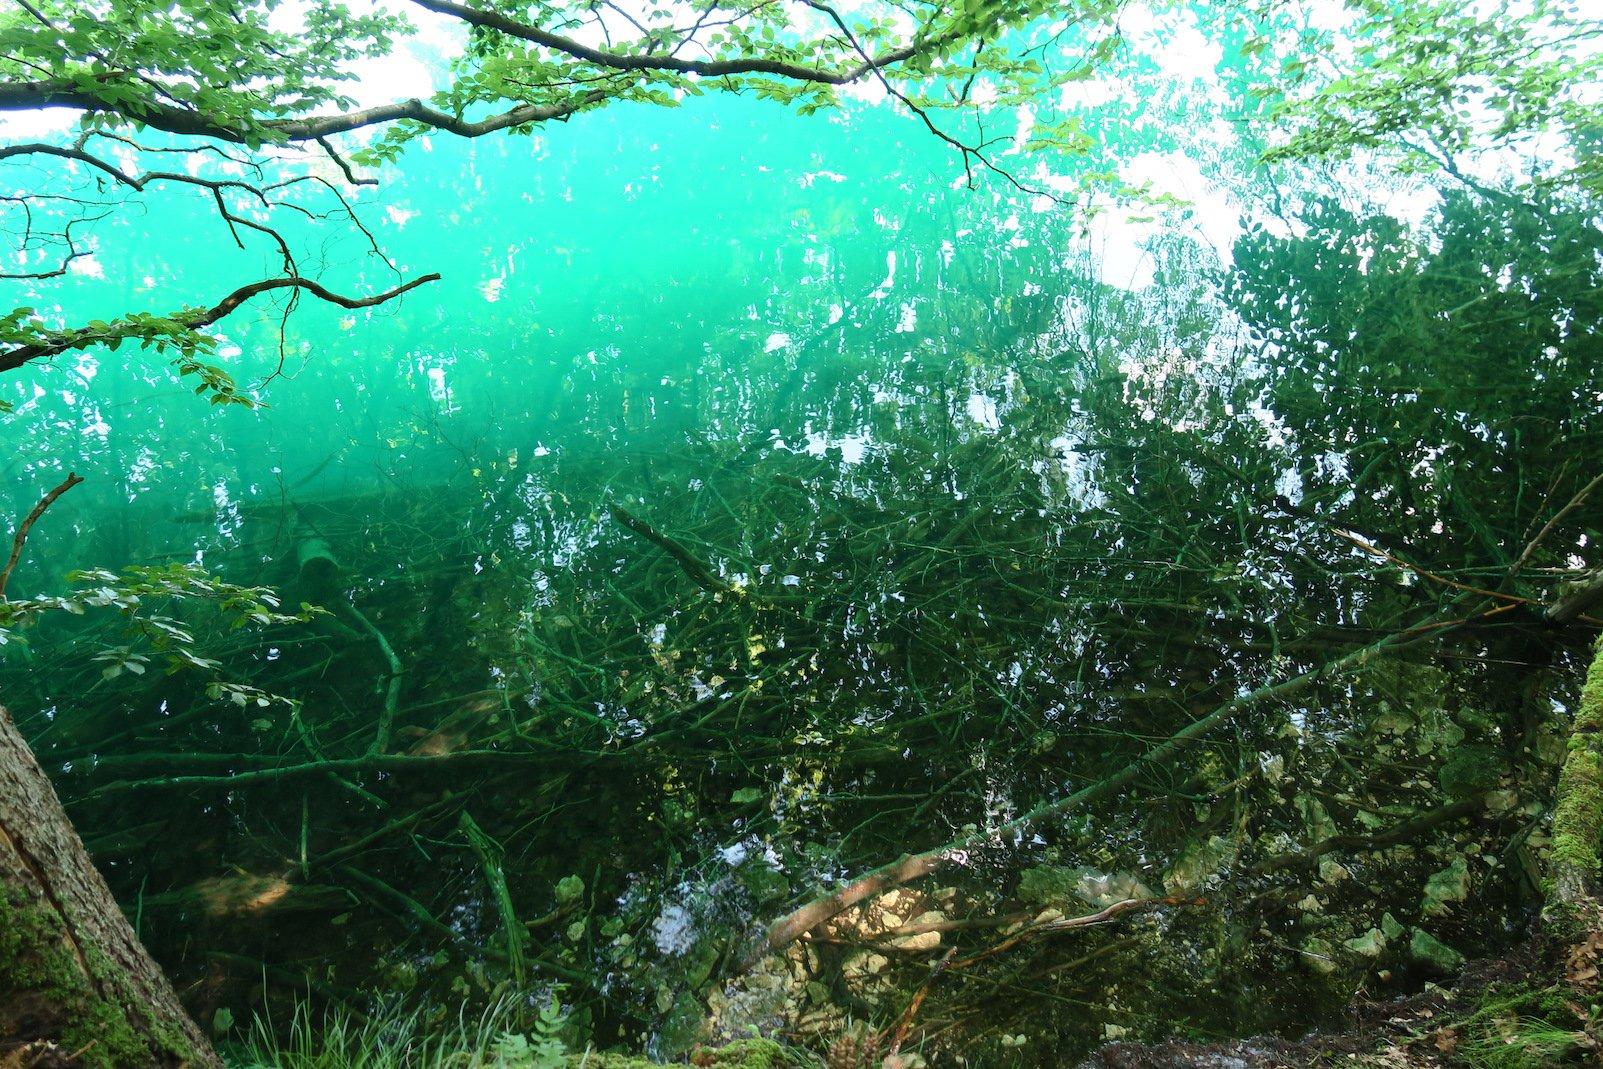 Klares Wasser, leicht grünlich - das ist der Alpsee am Lechweg